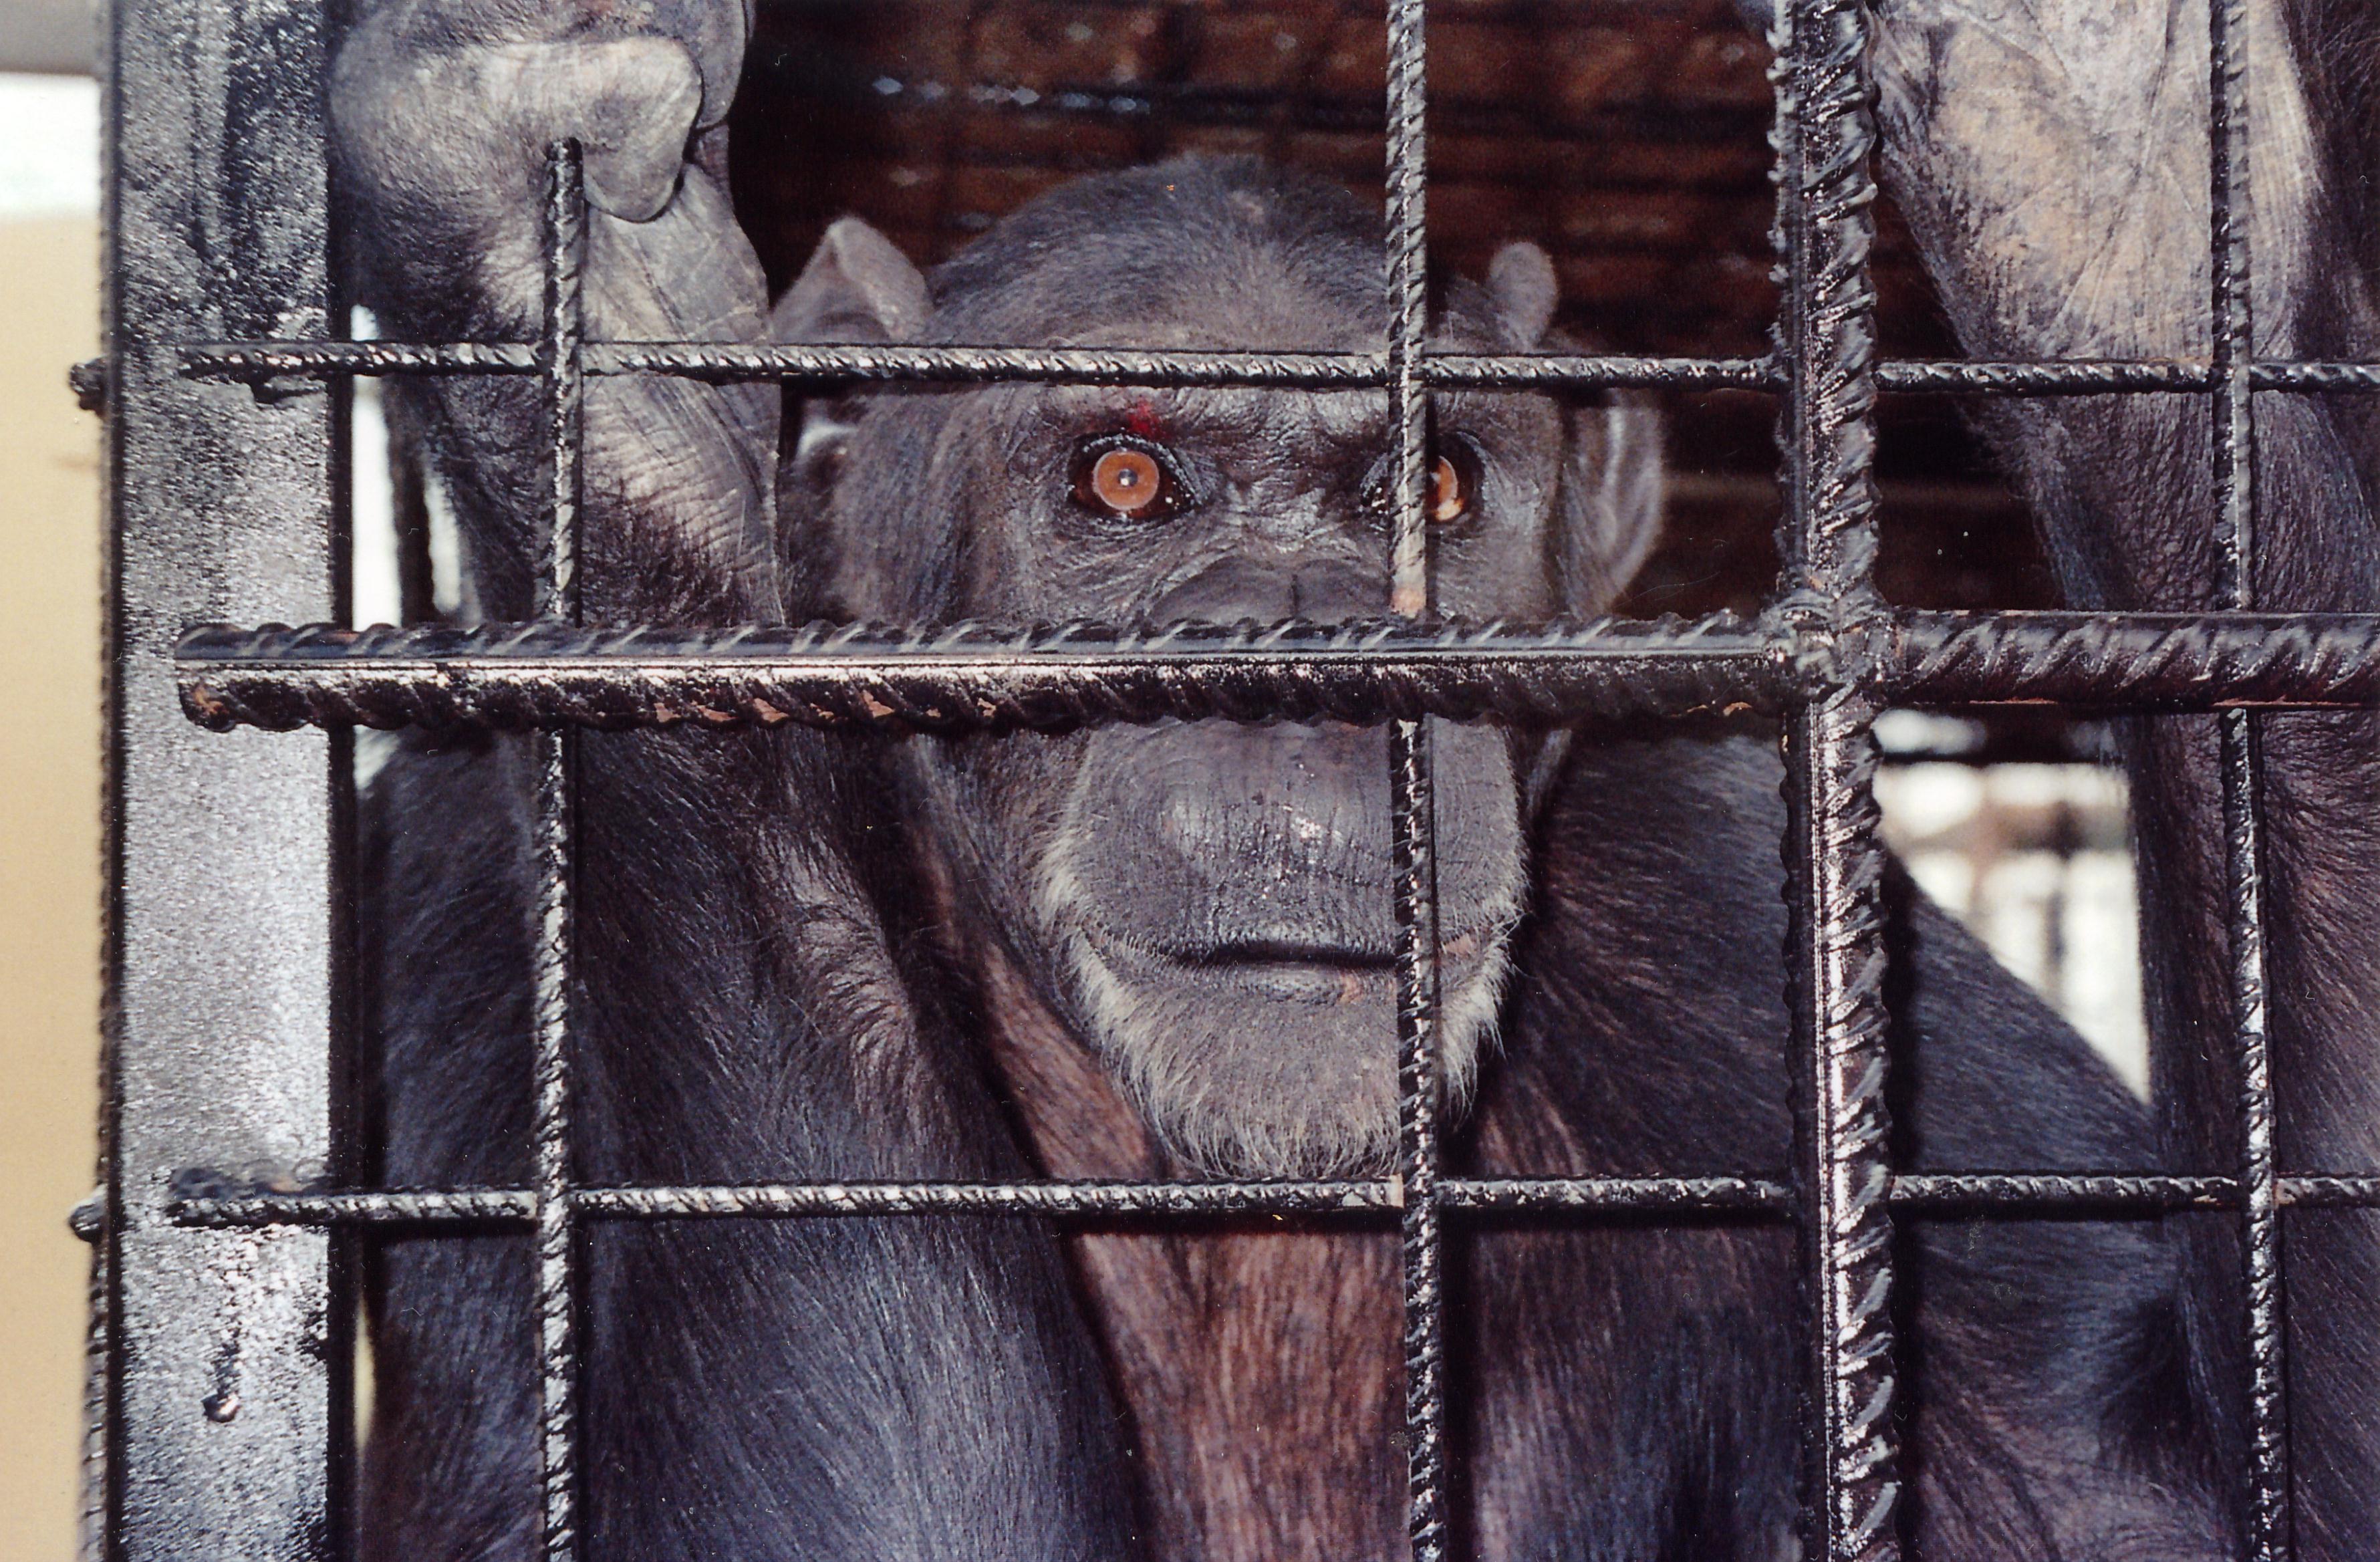 PROYECTO GRAN SIMIO SOLICITA A LAS AUTORIDADES Y A LOS CENTROS PRIVADOS DONDE HAY ANIMALES CAUTIVOS QUE NO SE IGNORE SUS NECESIDADES.